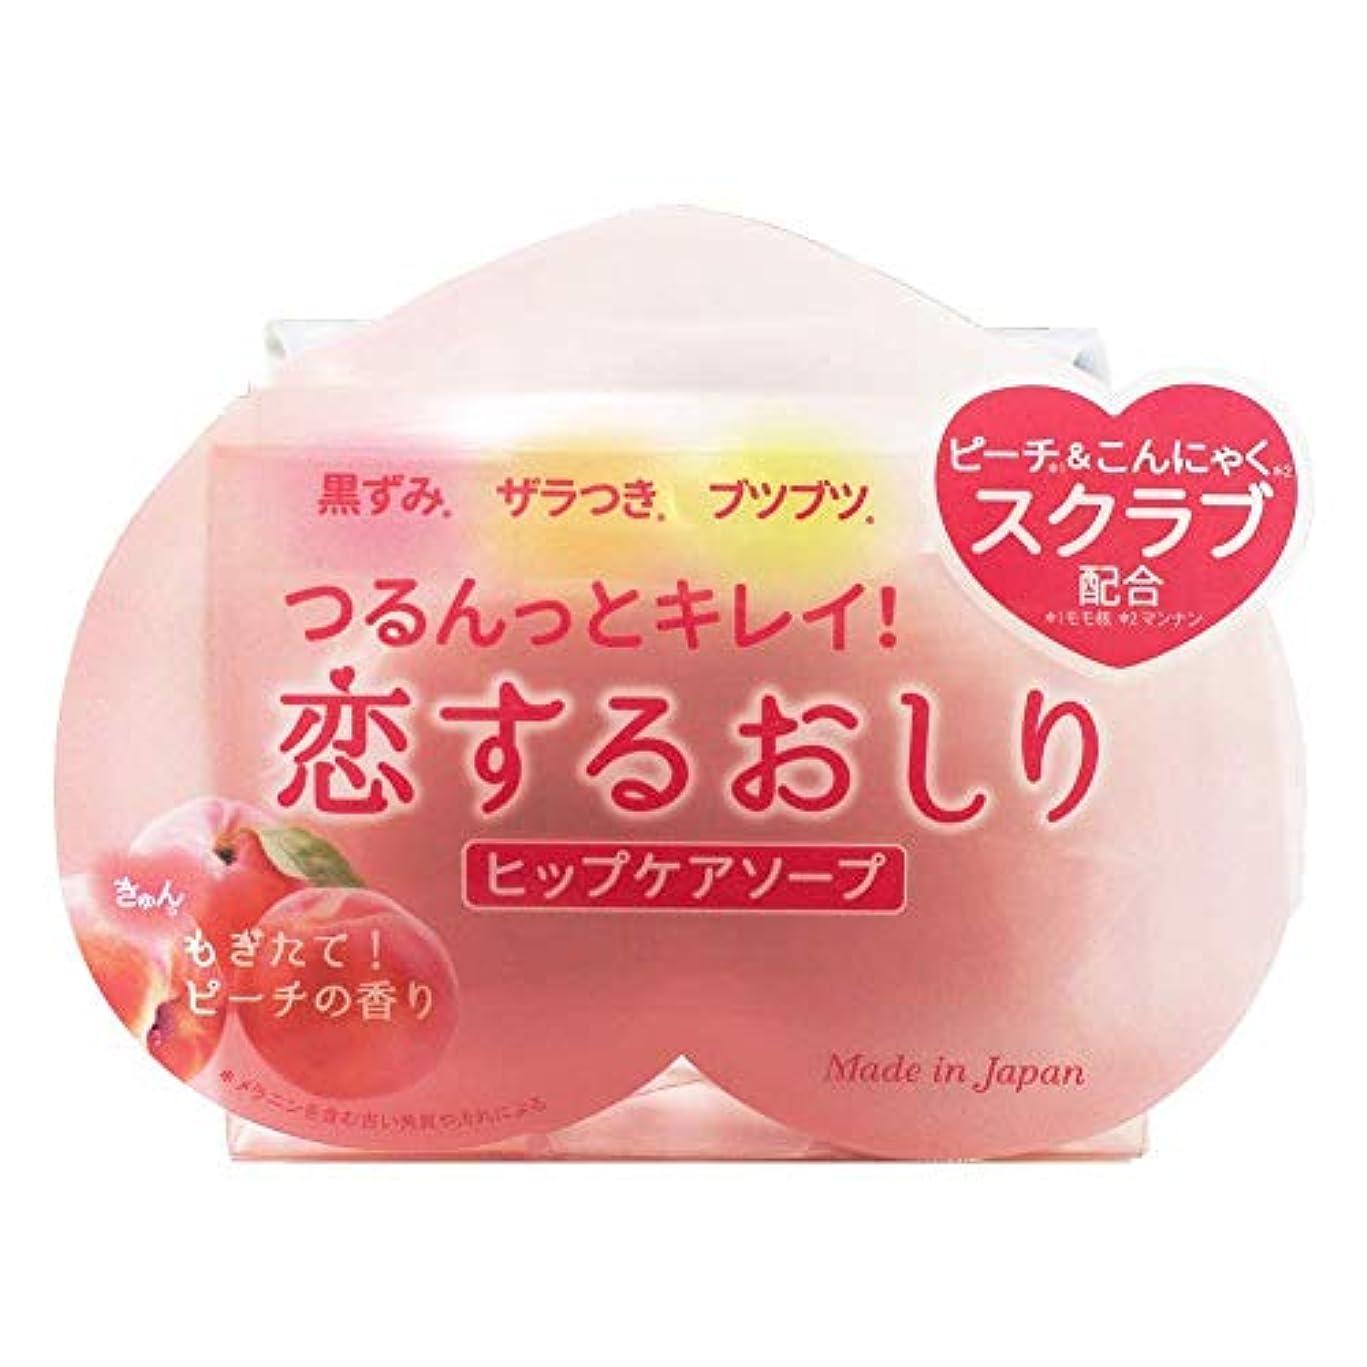 【まとめ買い】ペリカン石鹸 恋するおしり ヒップケアソープ 80g×2個